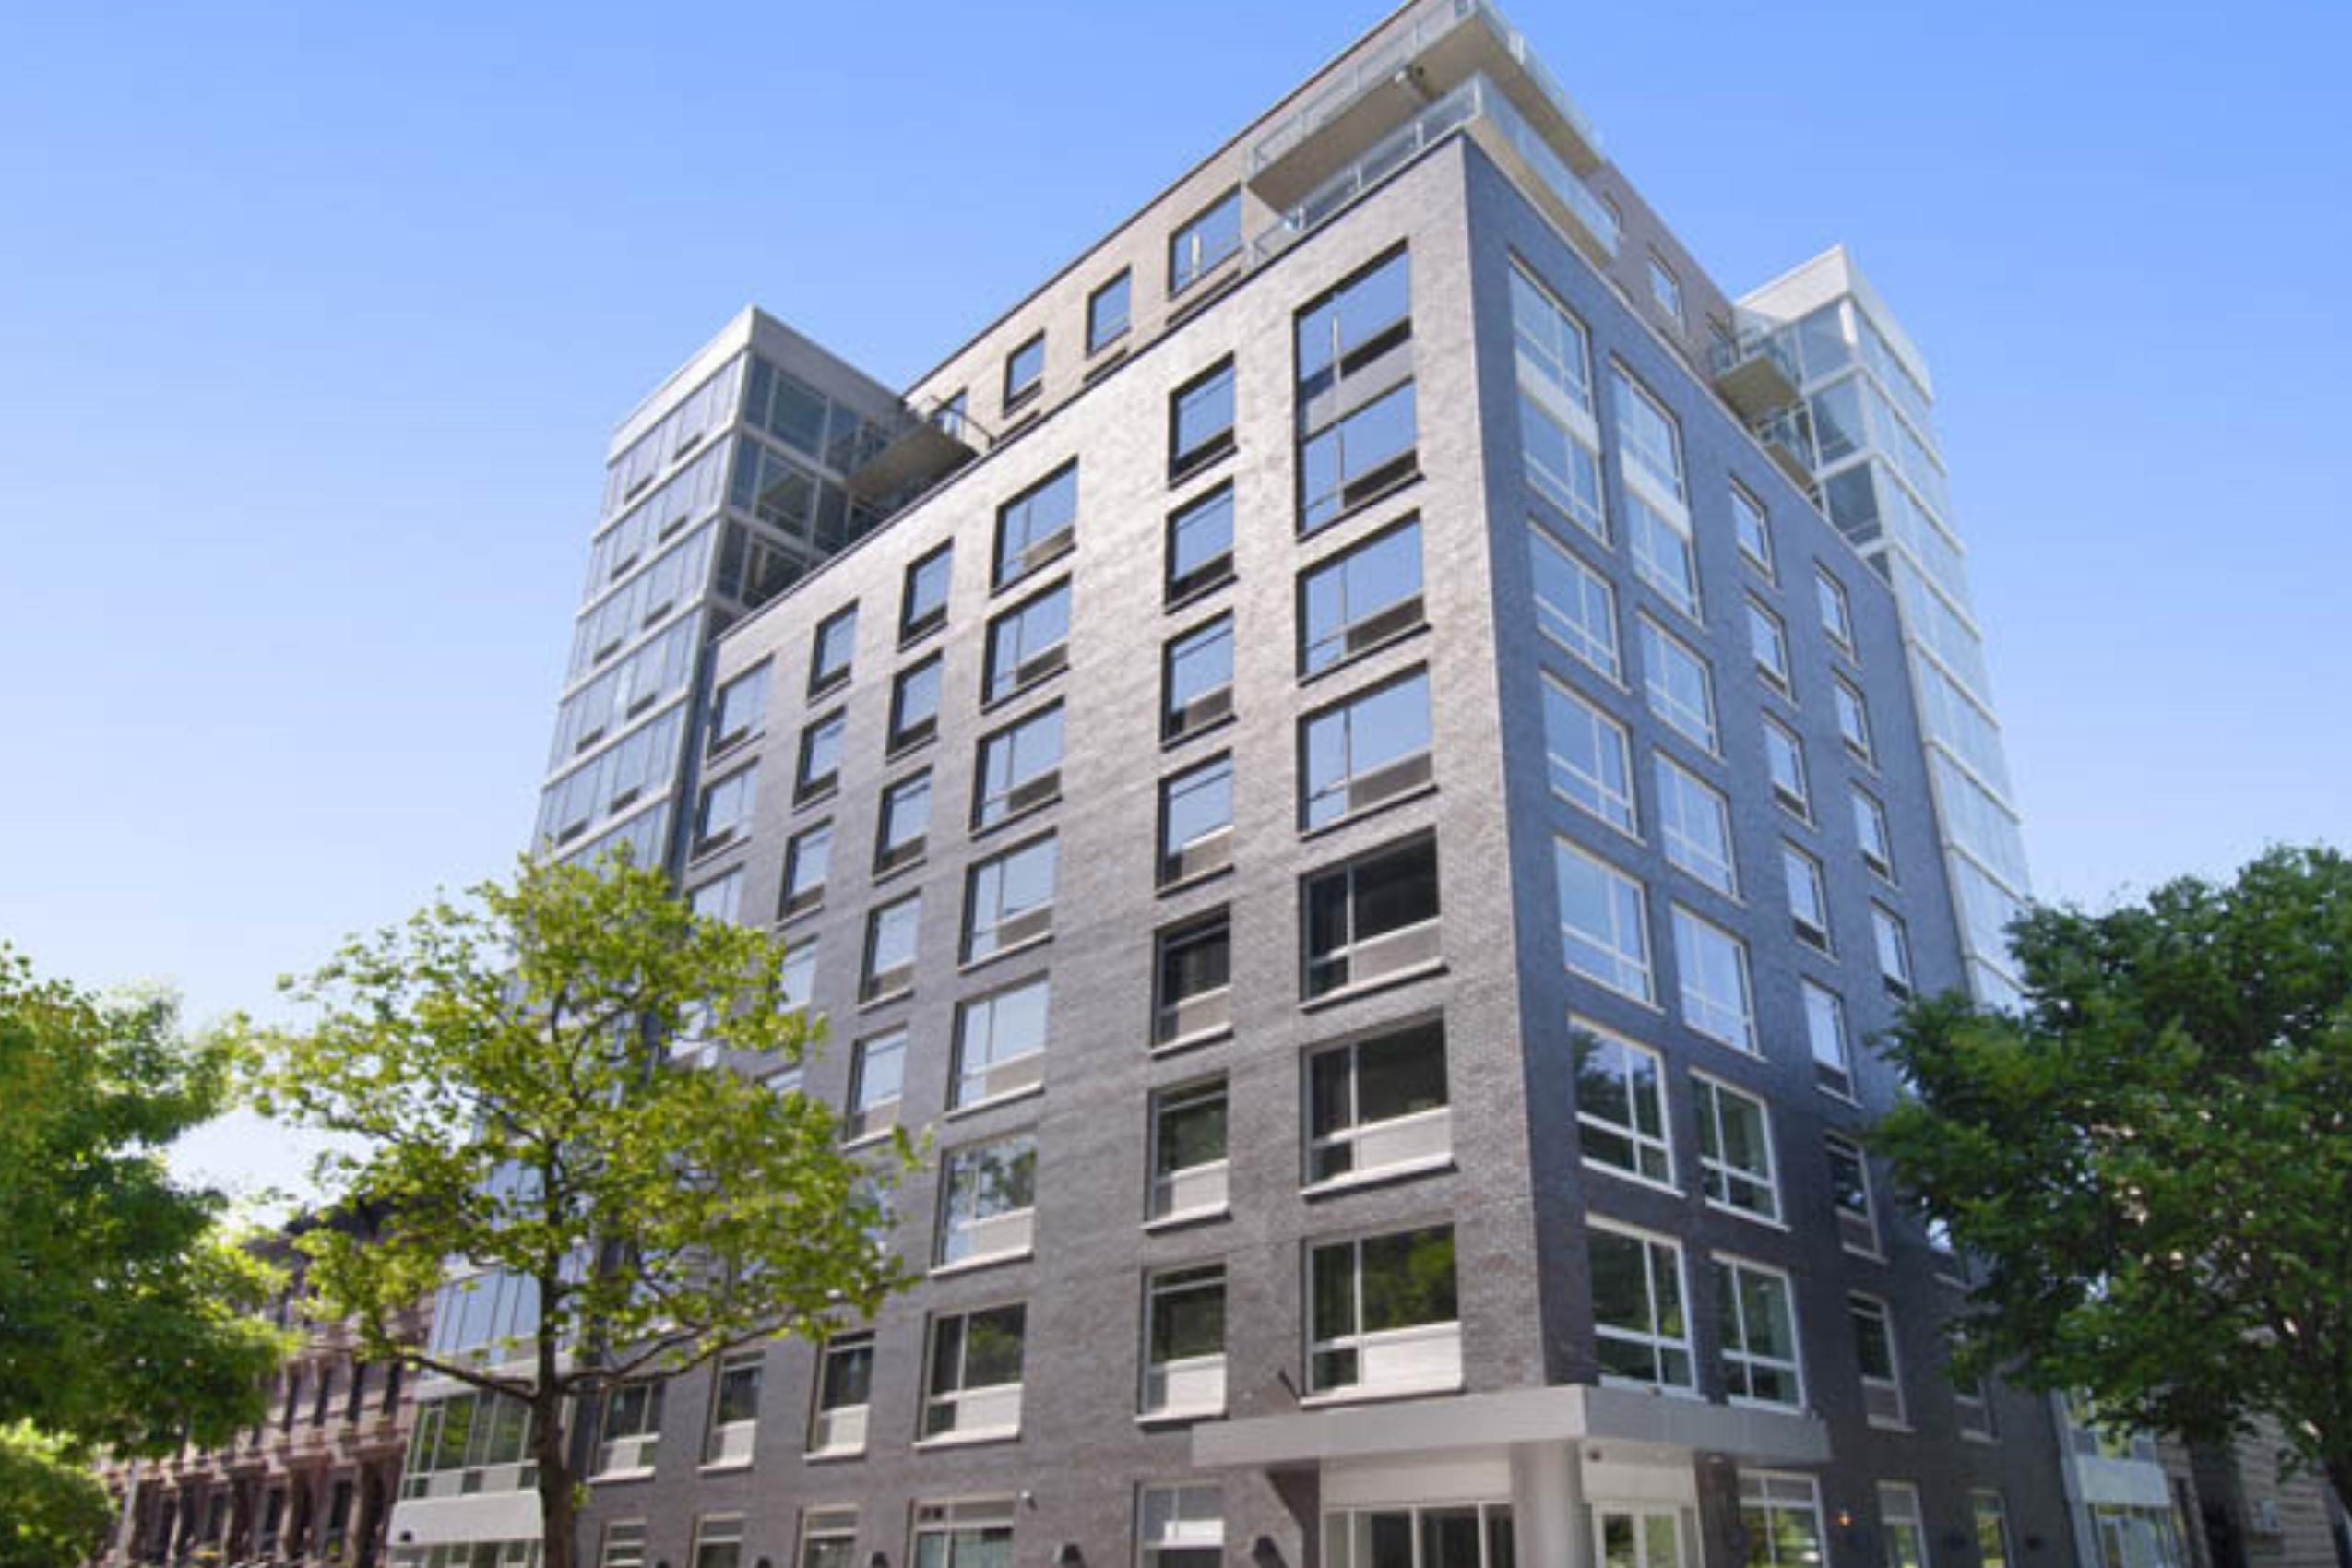 88 Morningside Avenue West Harlem New York NY 10027